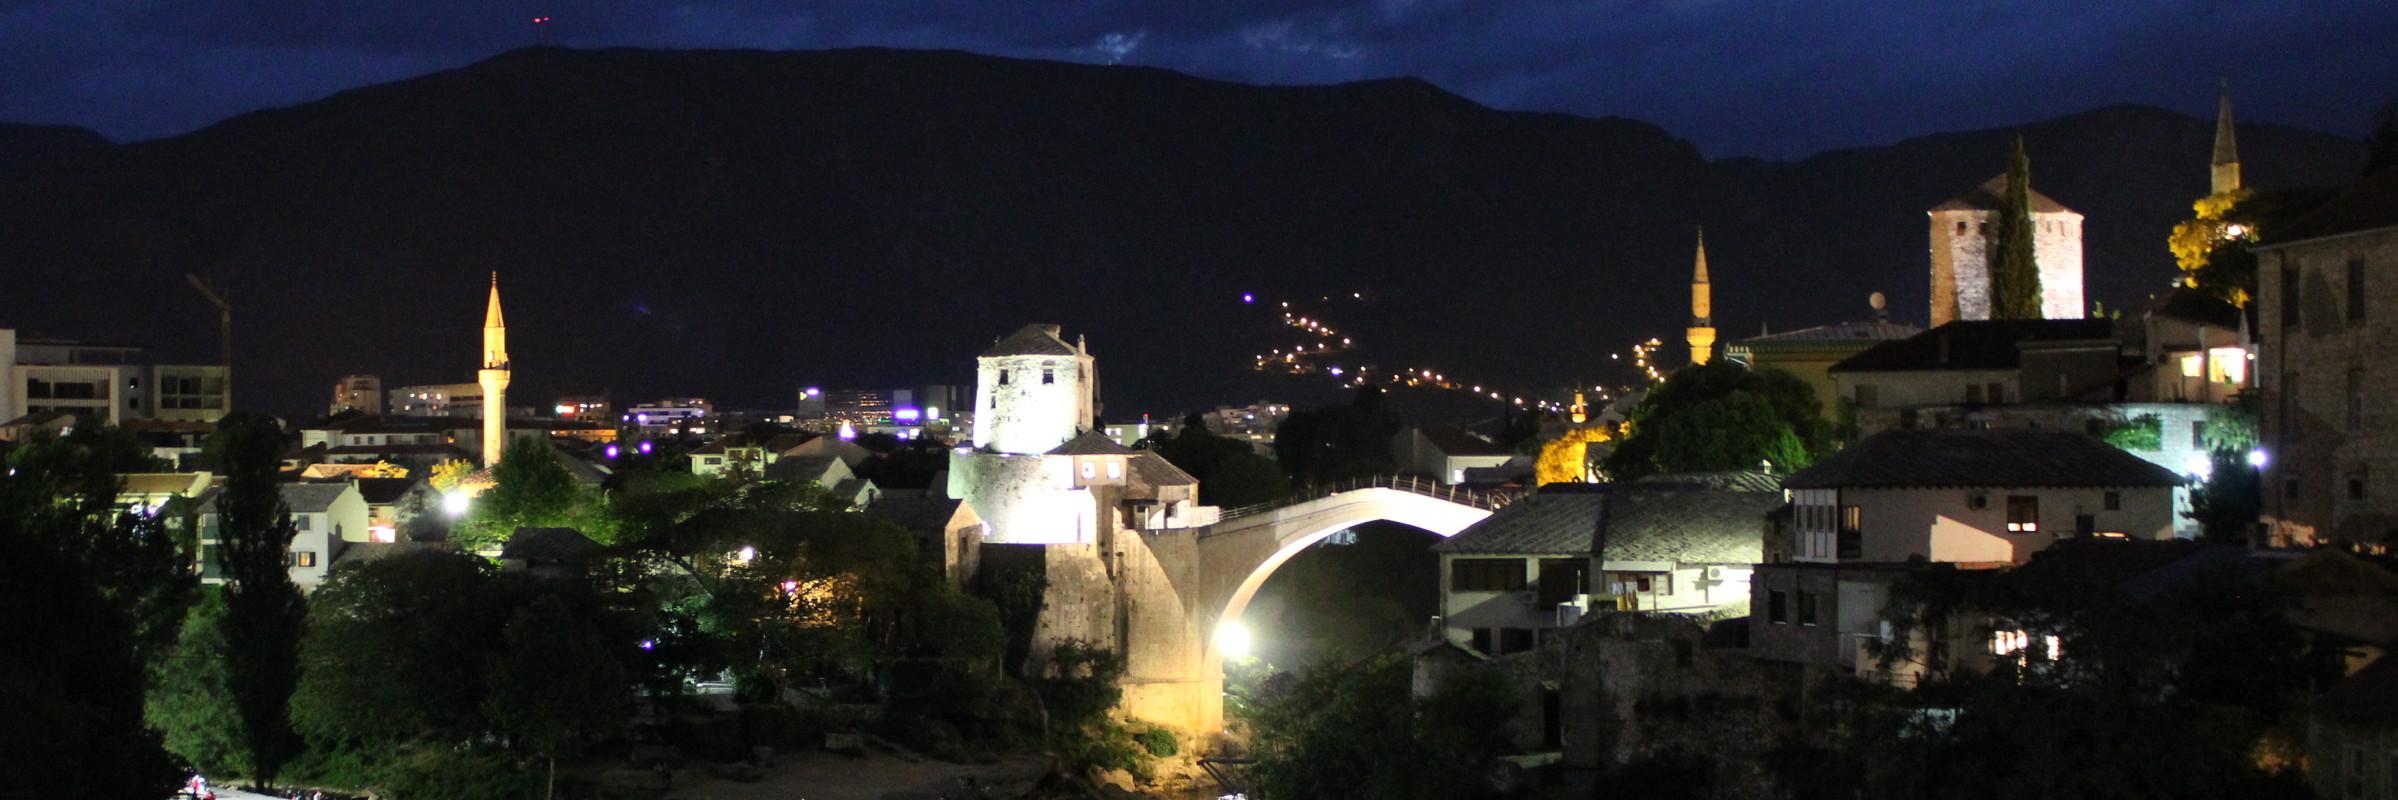 Фестивали и события в Мостаре